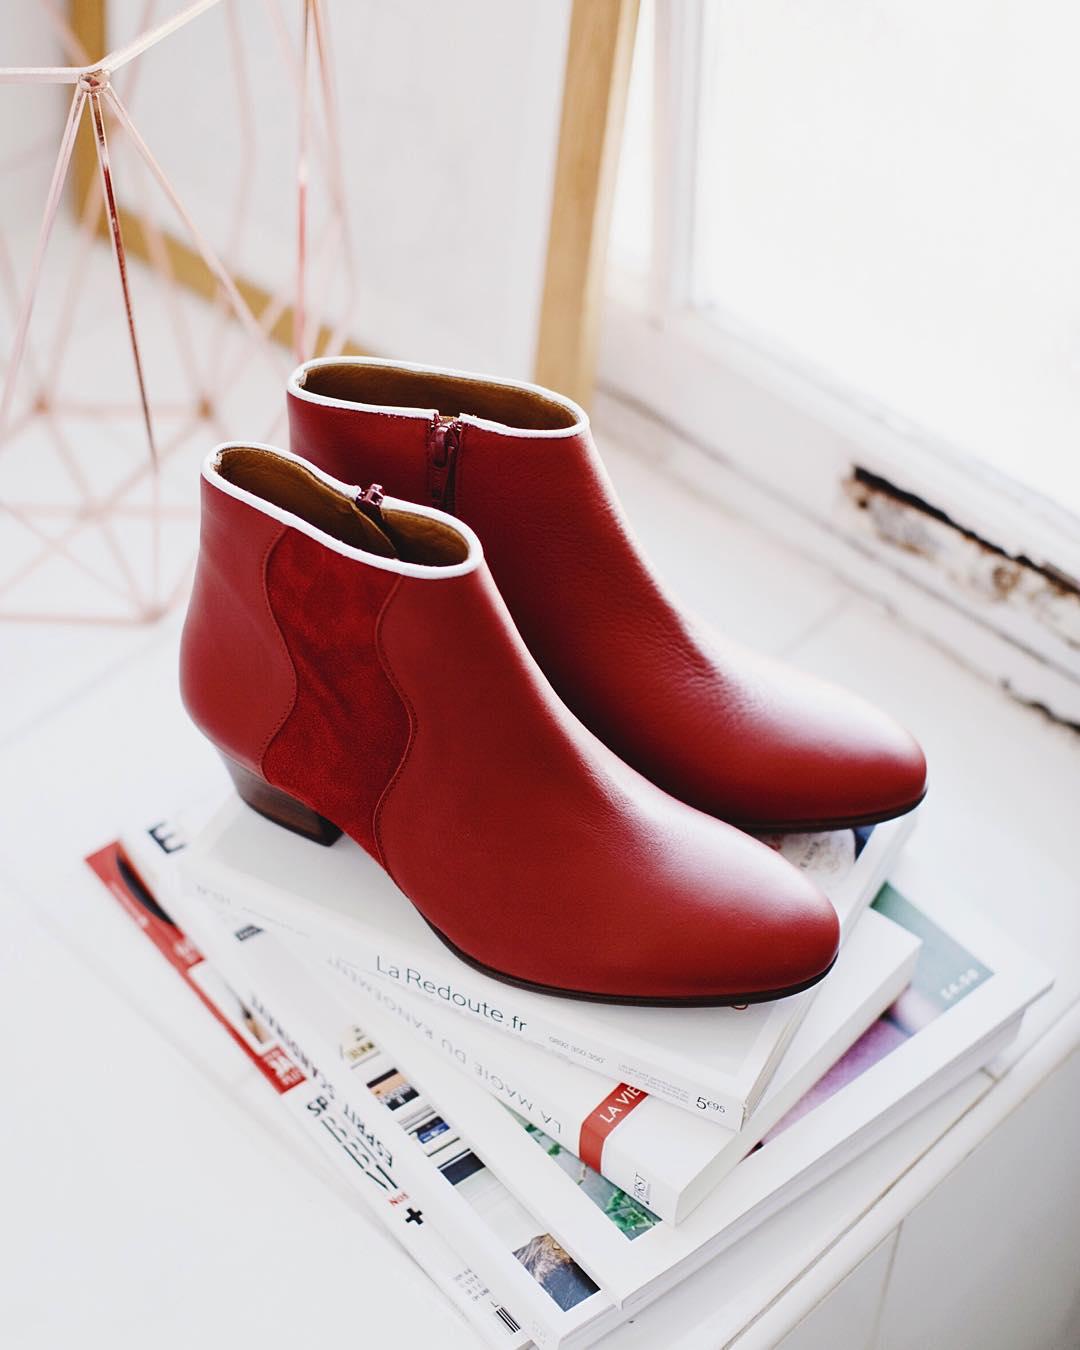 Nouvel article sur le blog  Les shoes  shopperhellip